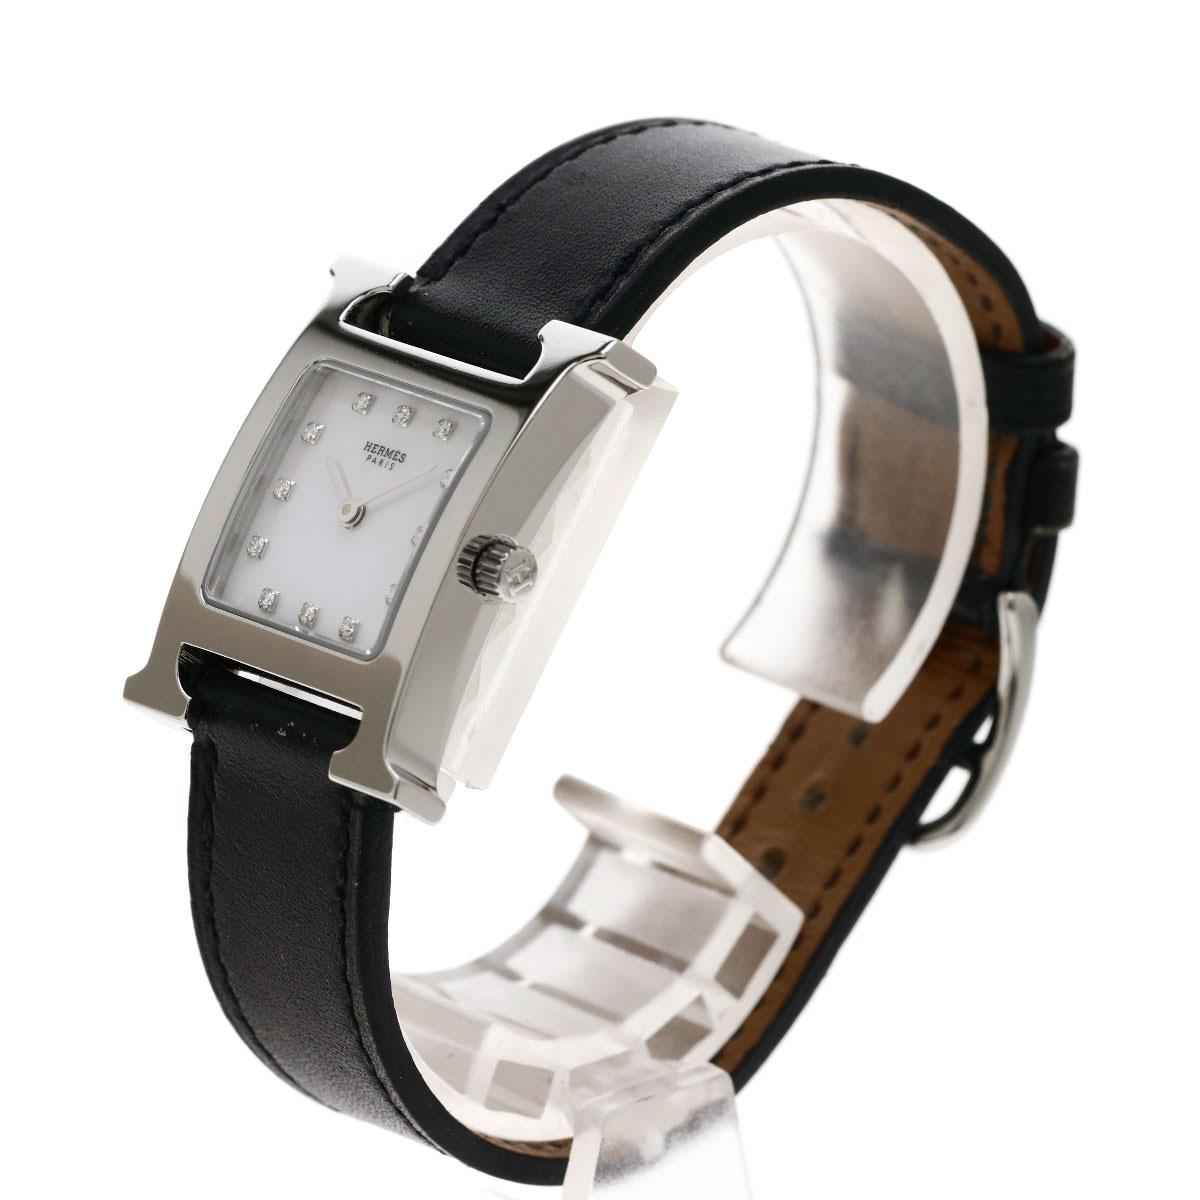 6a314d3d9f ... HERMES HH1.210 Hウォッチ 12Pダイヤモンド 腕時計 ステンレススチール/革 レディース ...